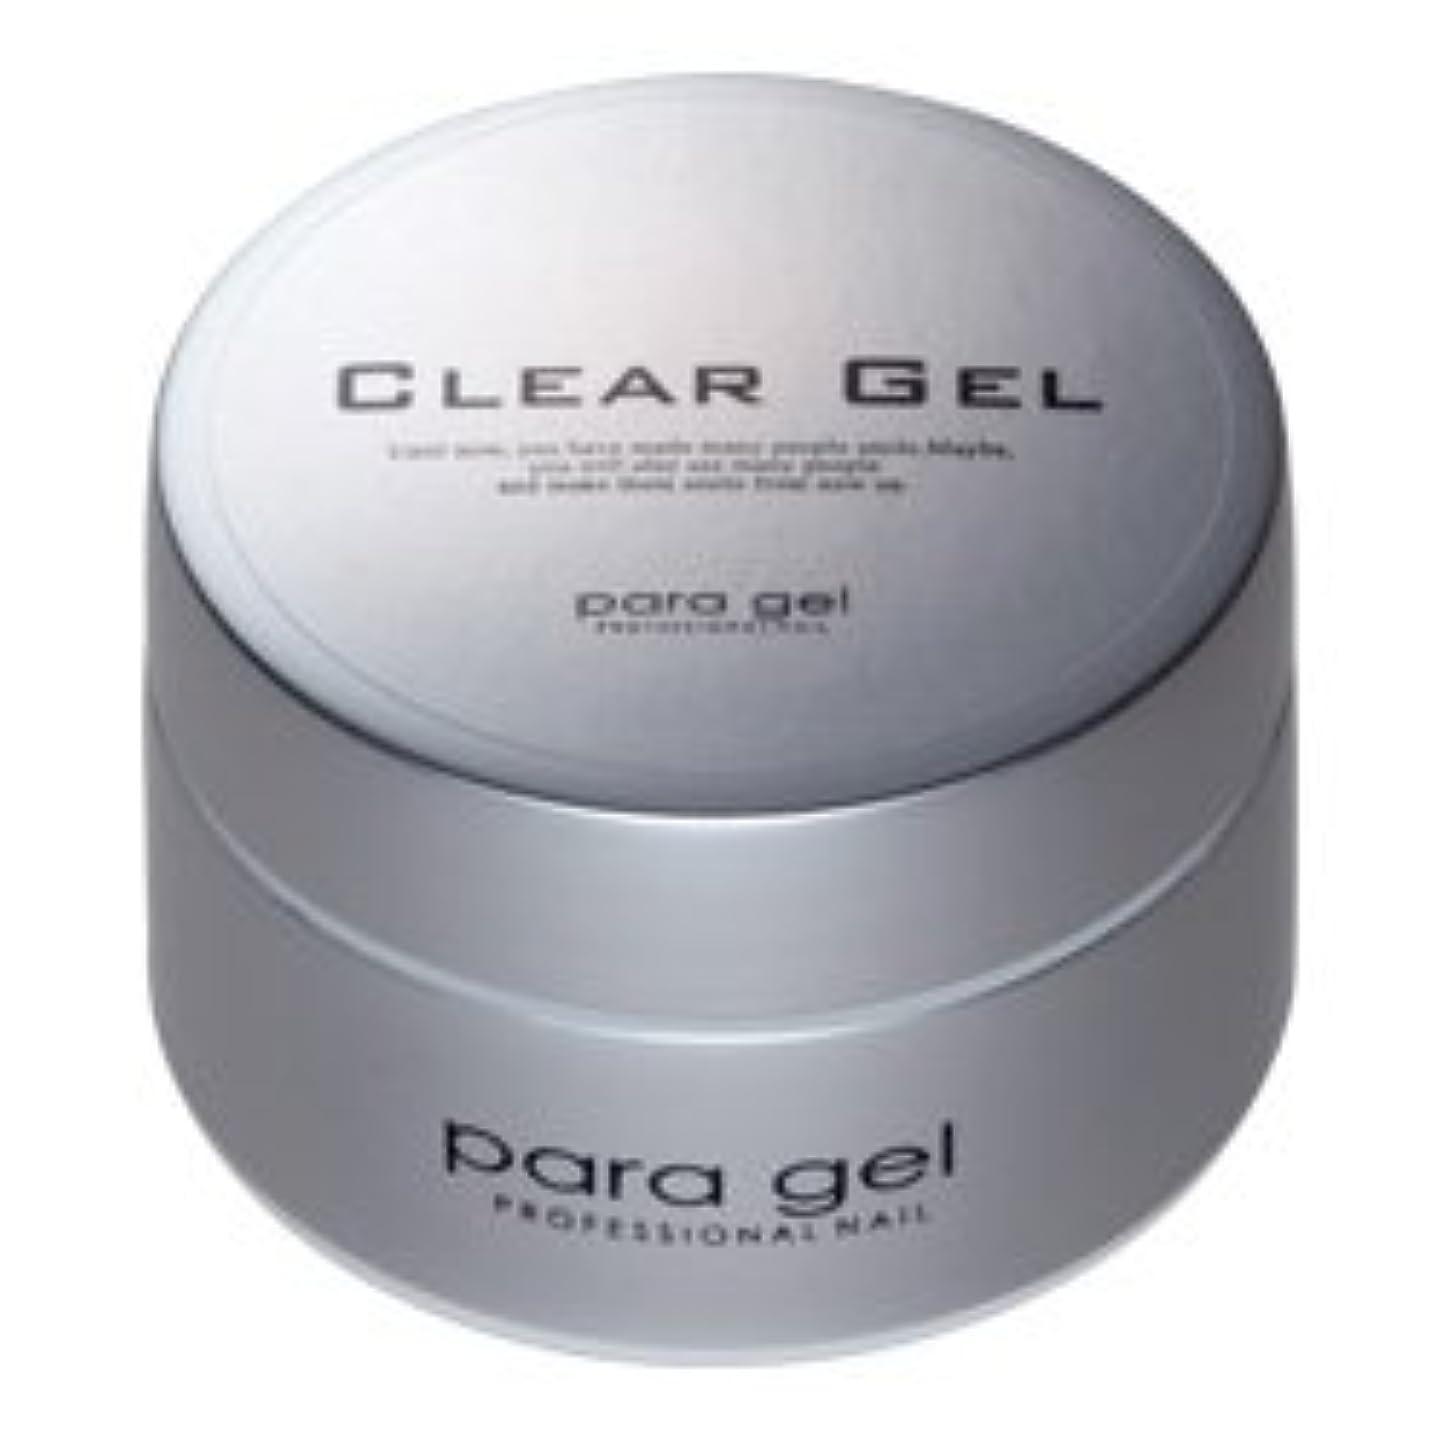 チャーム真空ほのめかす★para gel(パラジェル) <BR>クリアジェル 10g